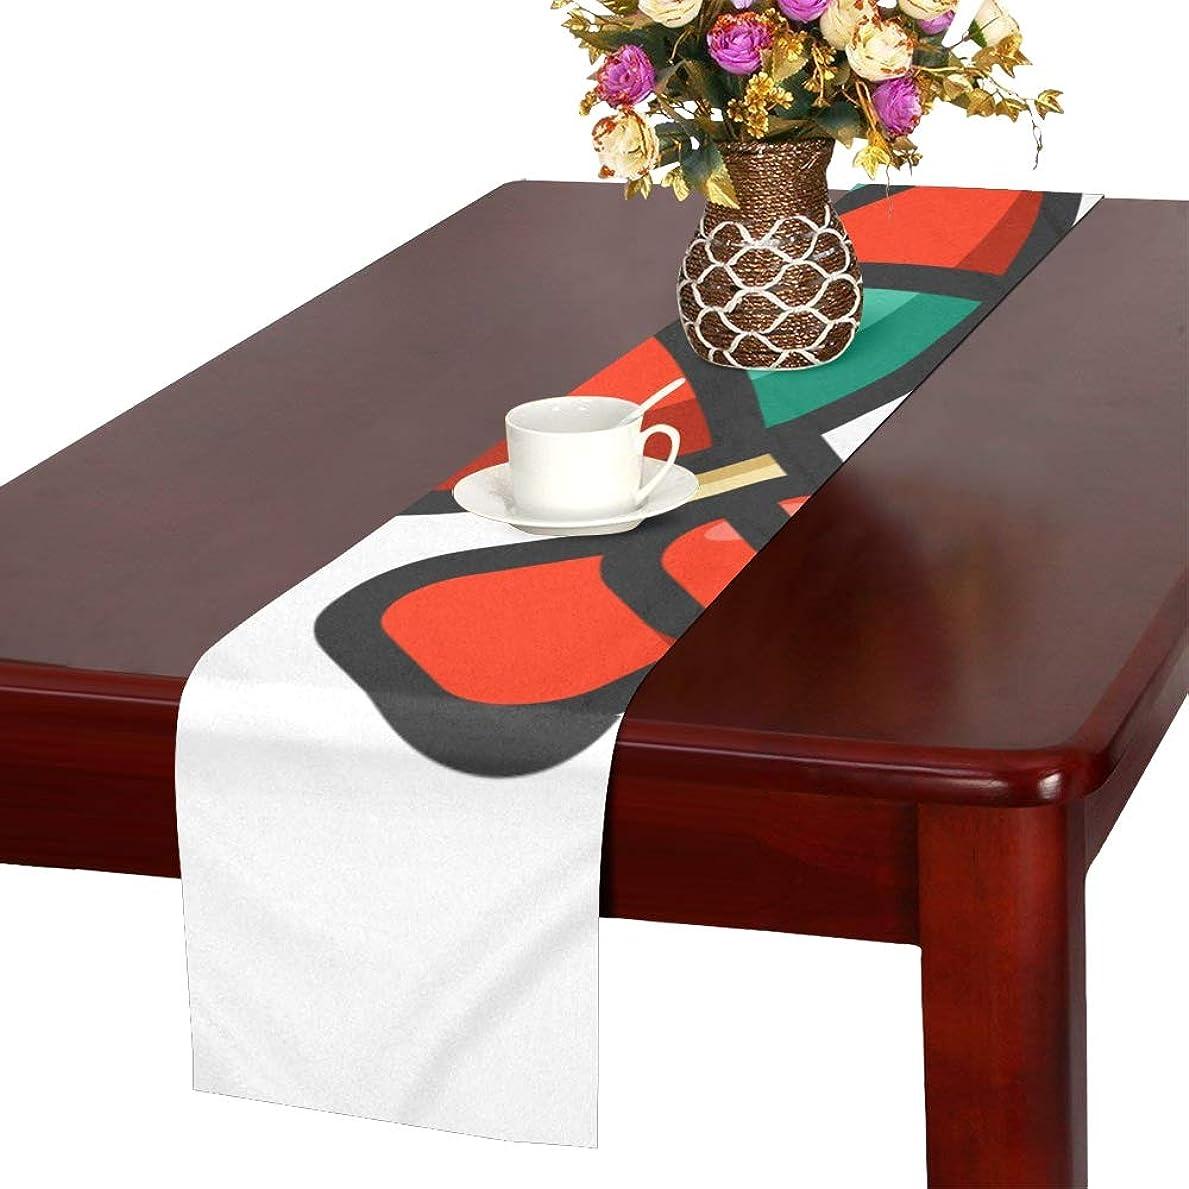 豆床漫画LKCDNG テーブルランナー かわいいペロペロキャンディ クロス 食卓カバー 麻綿製 欧米 おしゃれ 16 Inch X 72 Inch (40cm X 182cm) キッチン ダイニング ホーム デコレーション モダン リビング 洗える